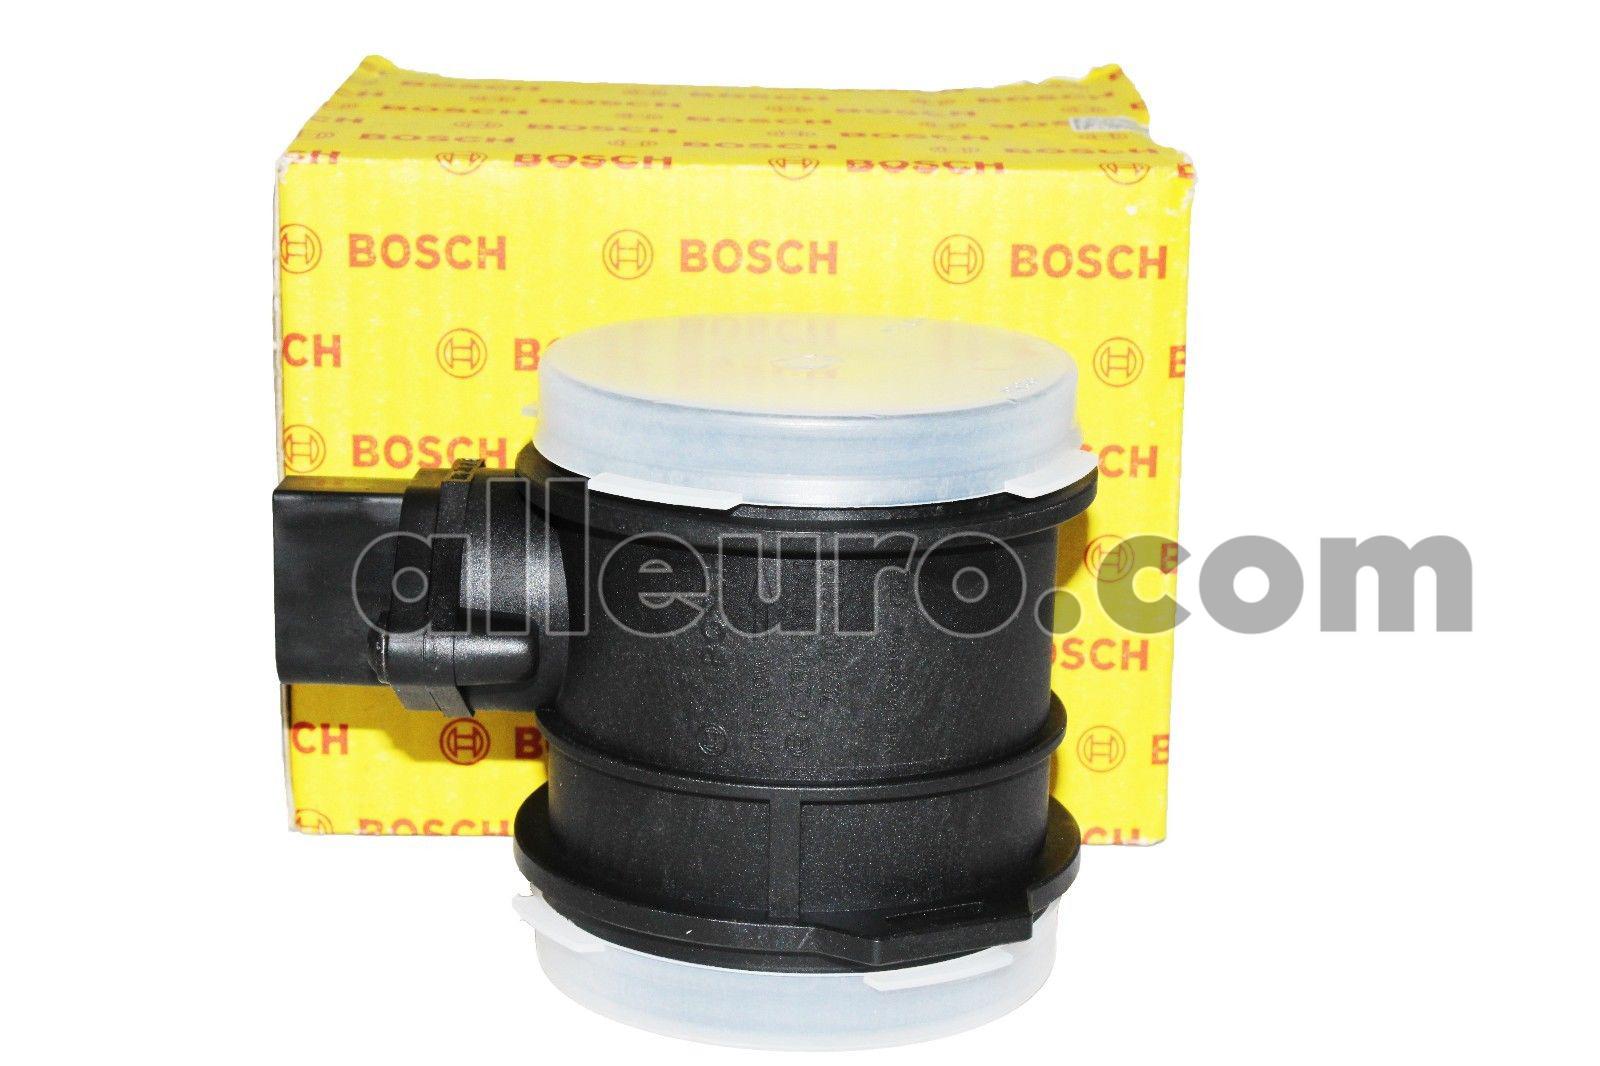 One New Bosch Mass Air Flow Sensor 0280218260 03H906461A for Porsche Cayenne